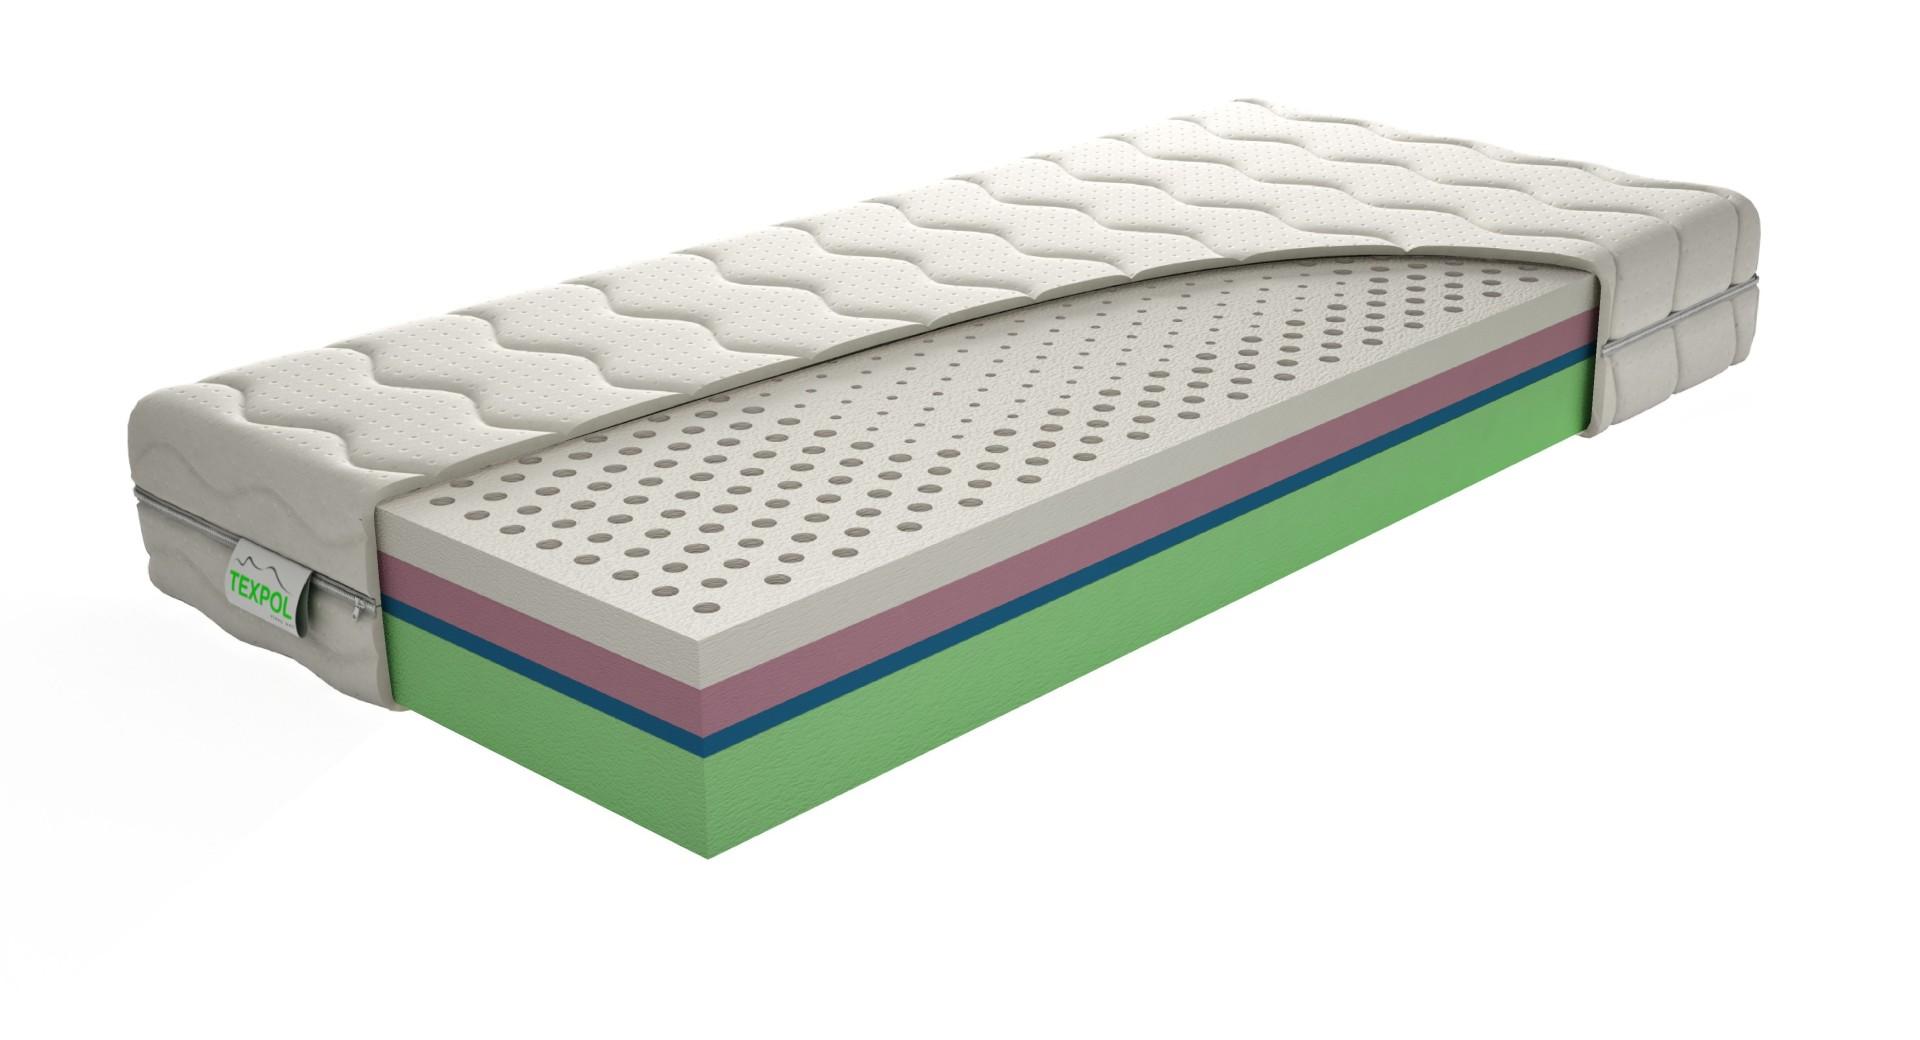 Texpol LUXURY - luxusný vysoký matrac s poťahom Aloe Vera, snímateľný poťah